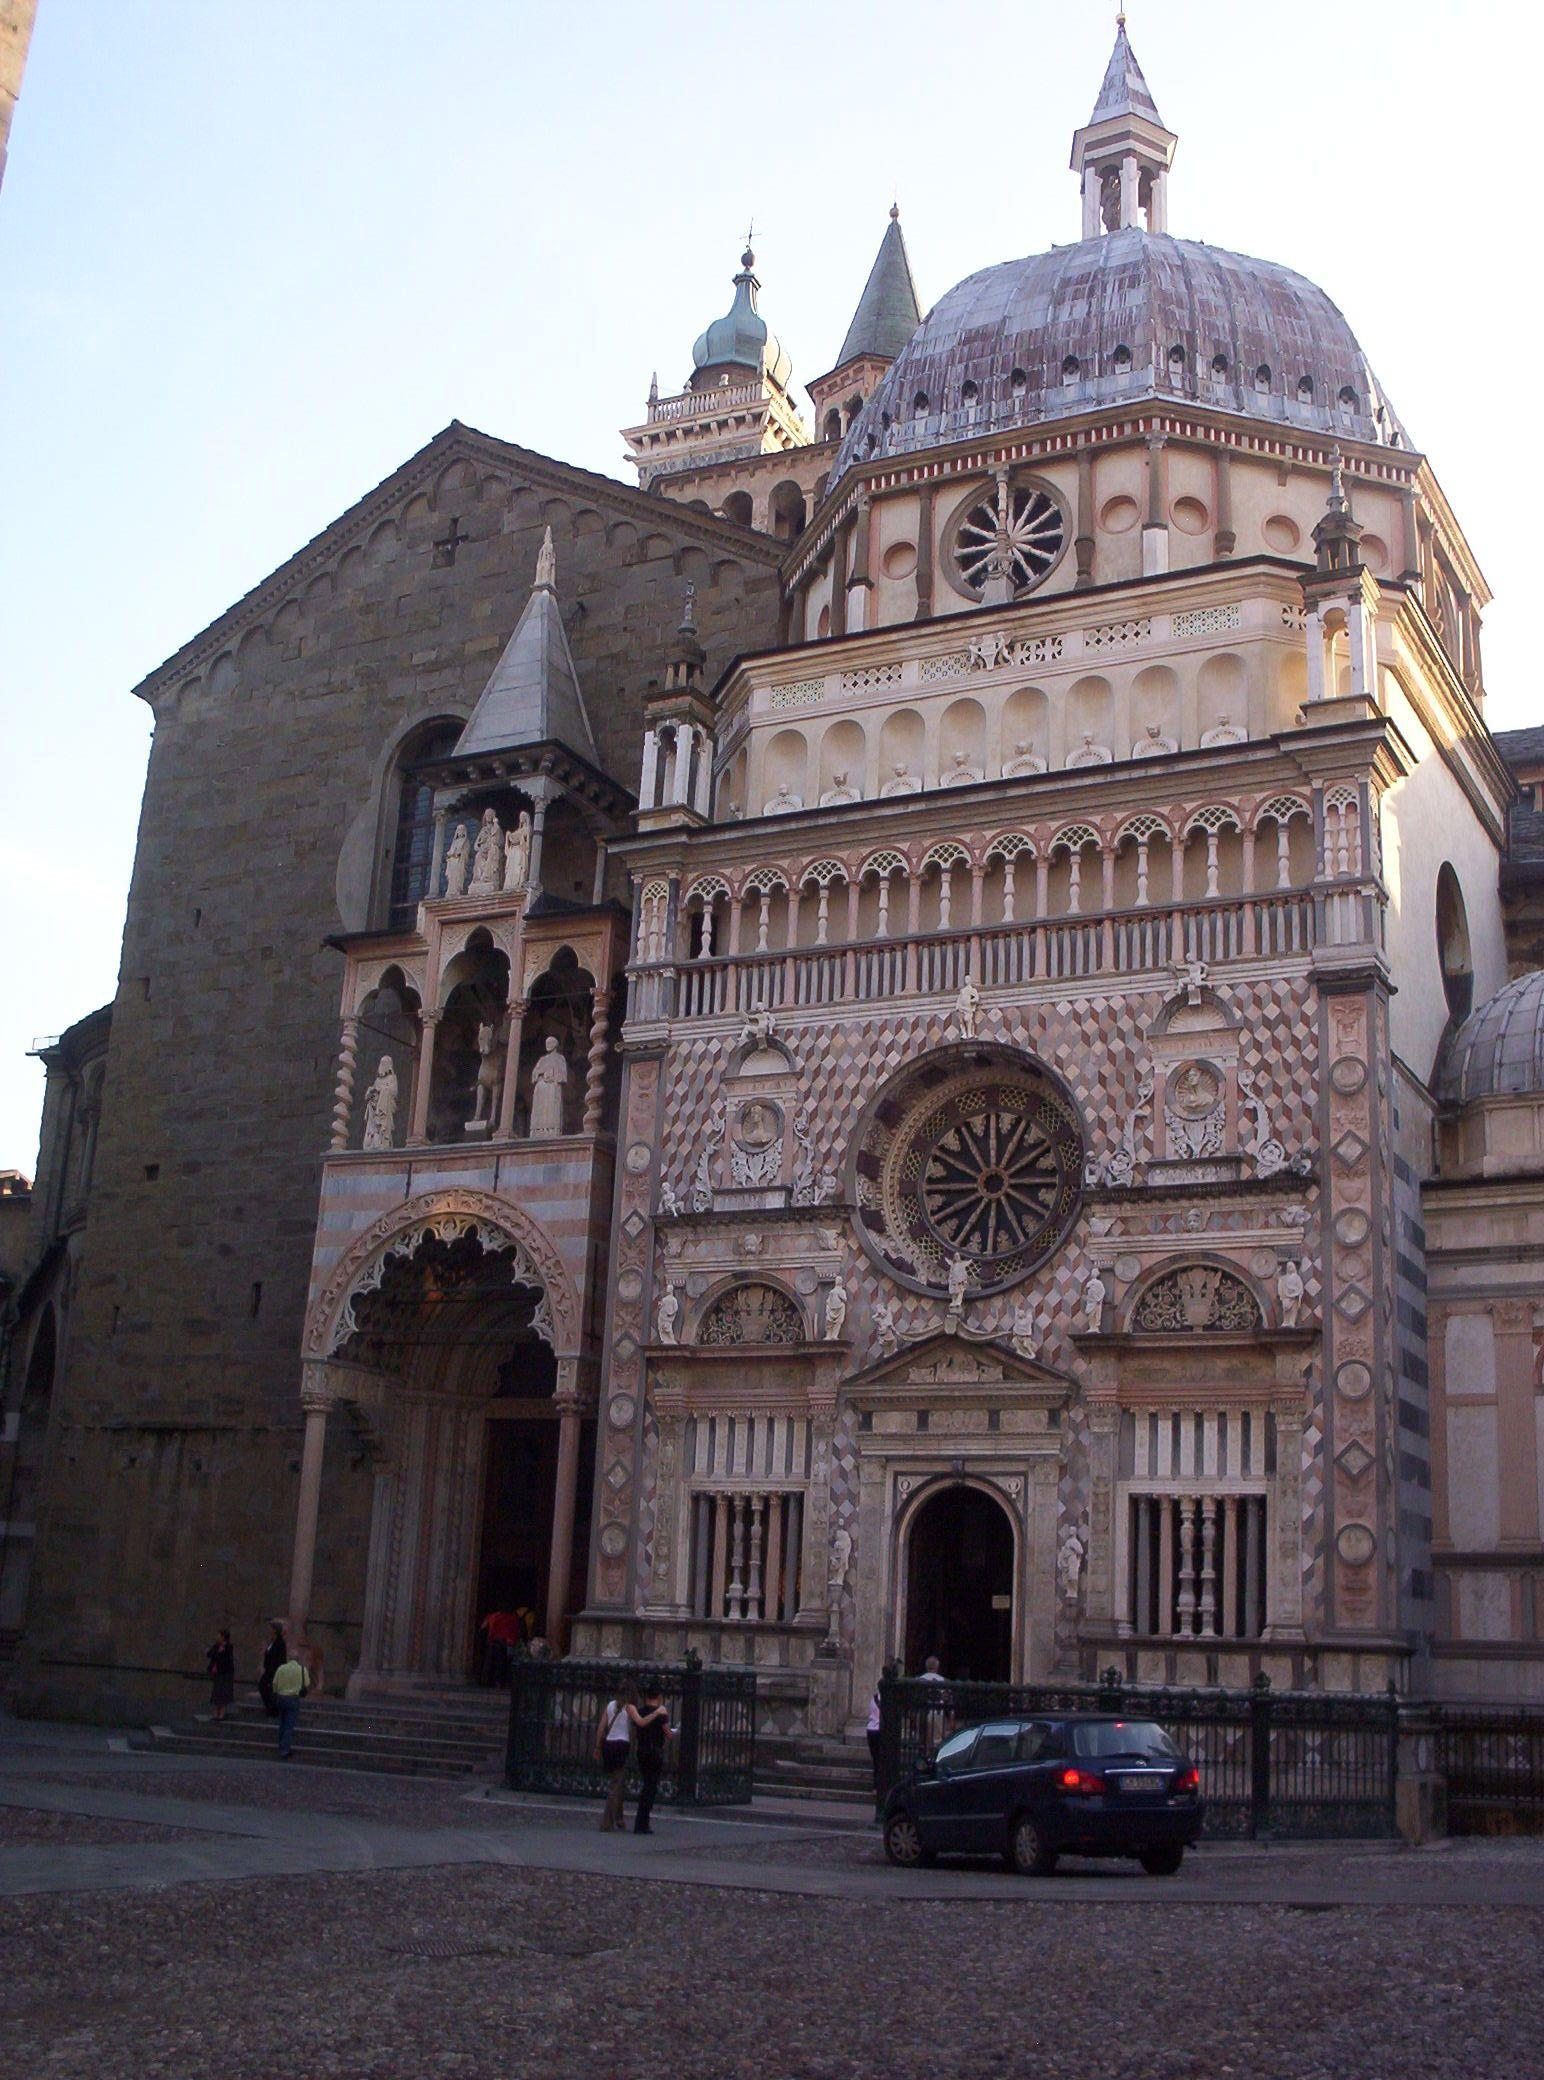 Santa maria maggiore e cappella colleoni bergamo italy for Idee architettura interni